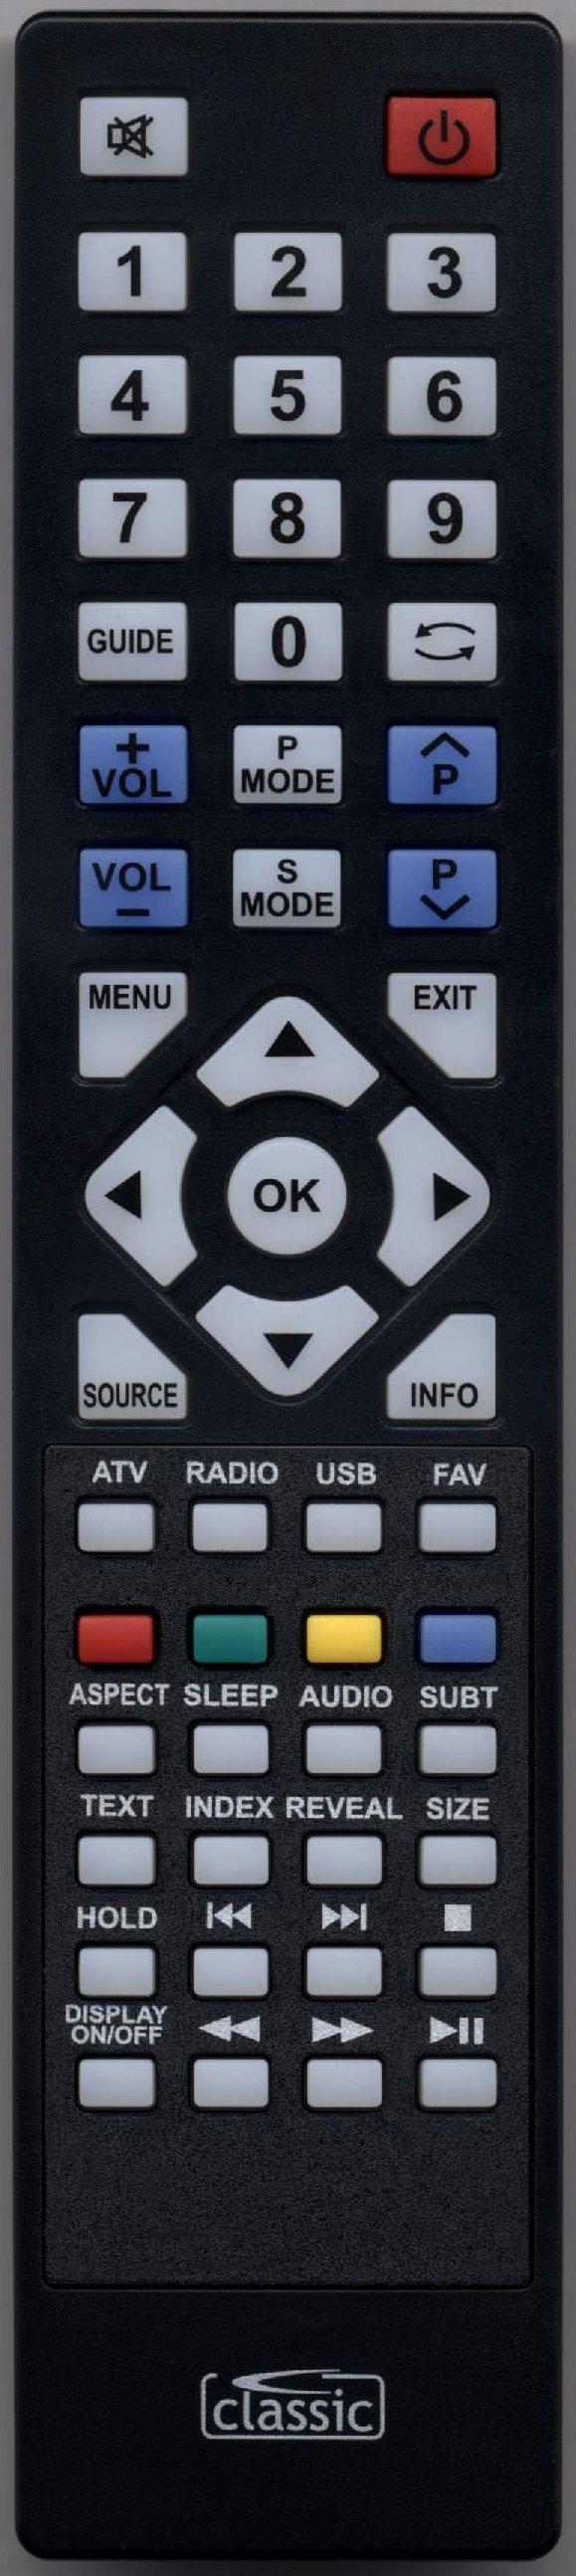 BLAUPUNKT 32/131G-GB-1B-3TCU-UK Remote Control Alternative